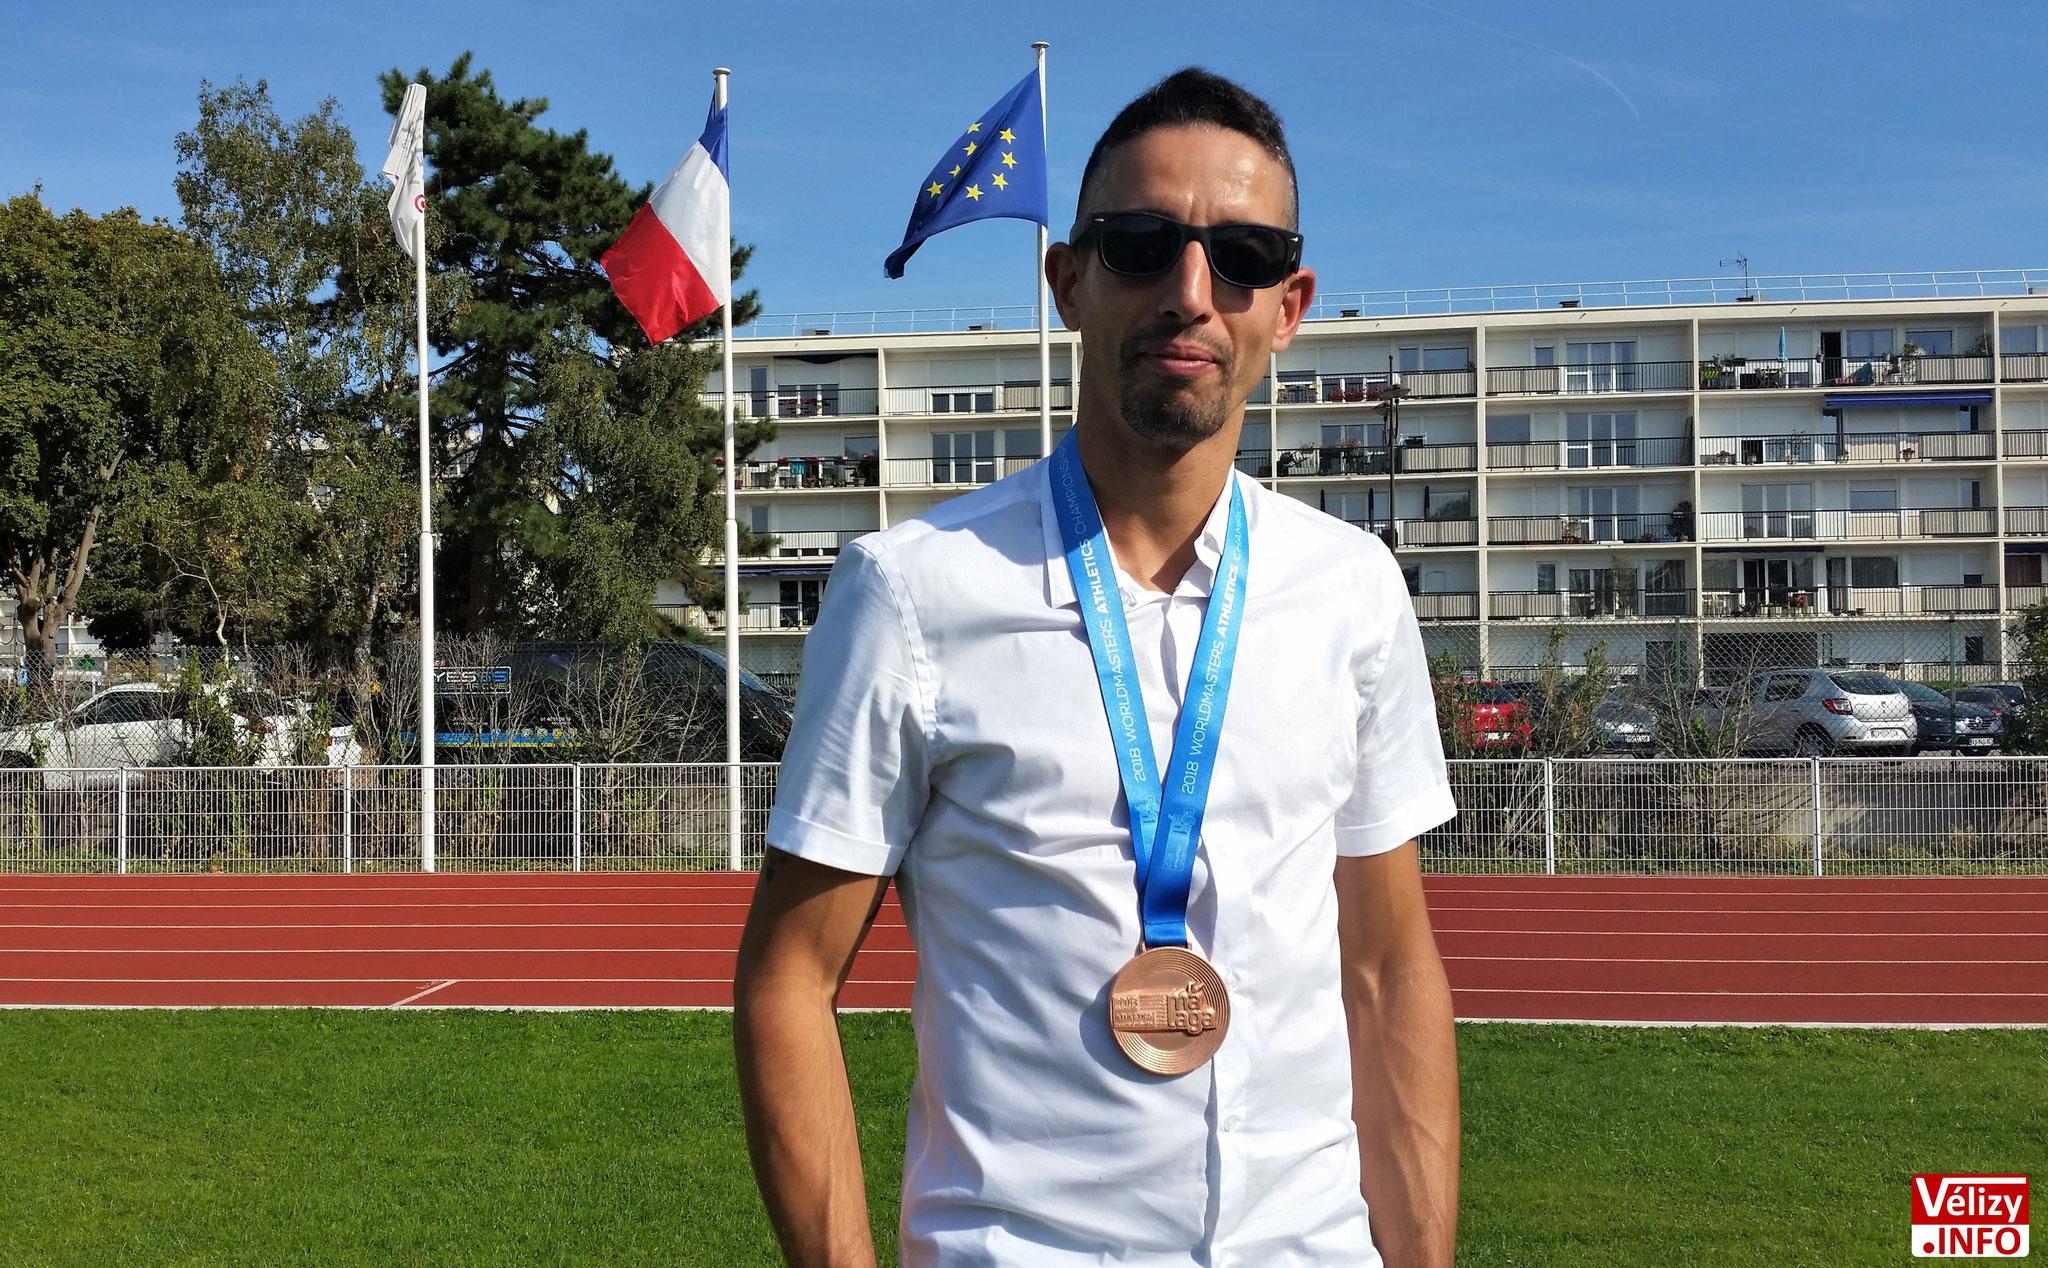 Rachid FARID avec sa médaille de bronze gagnée aux Championnats du monde Masters 2018 à Malaga.